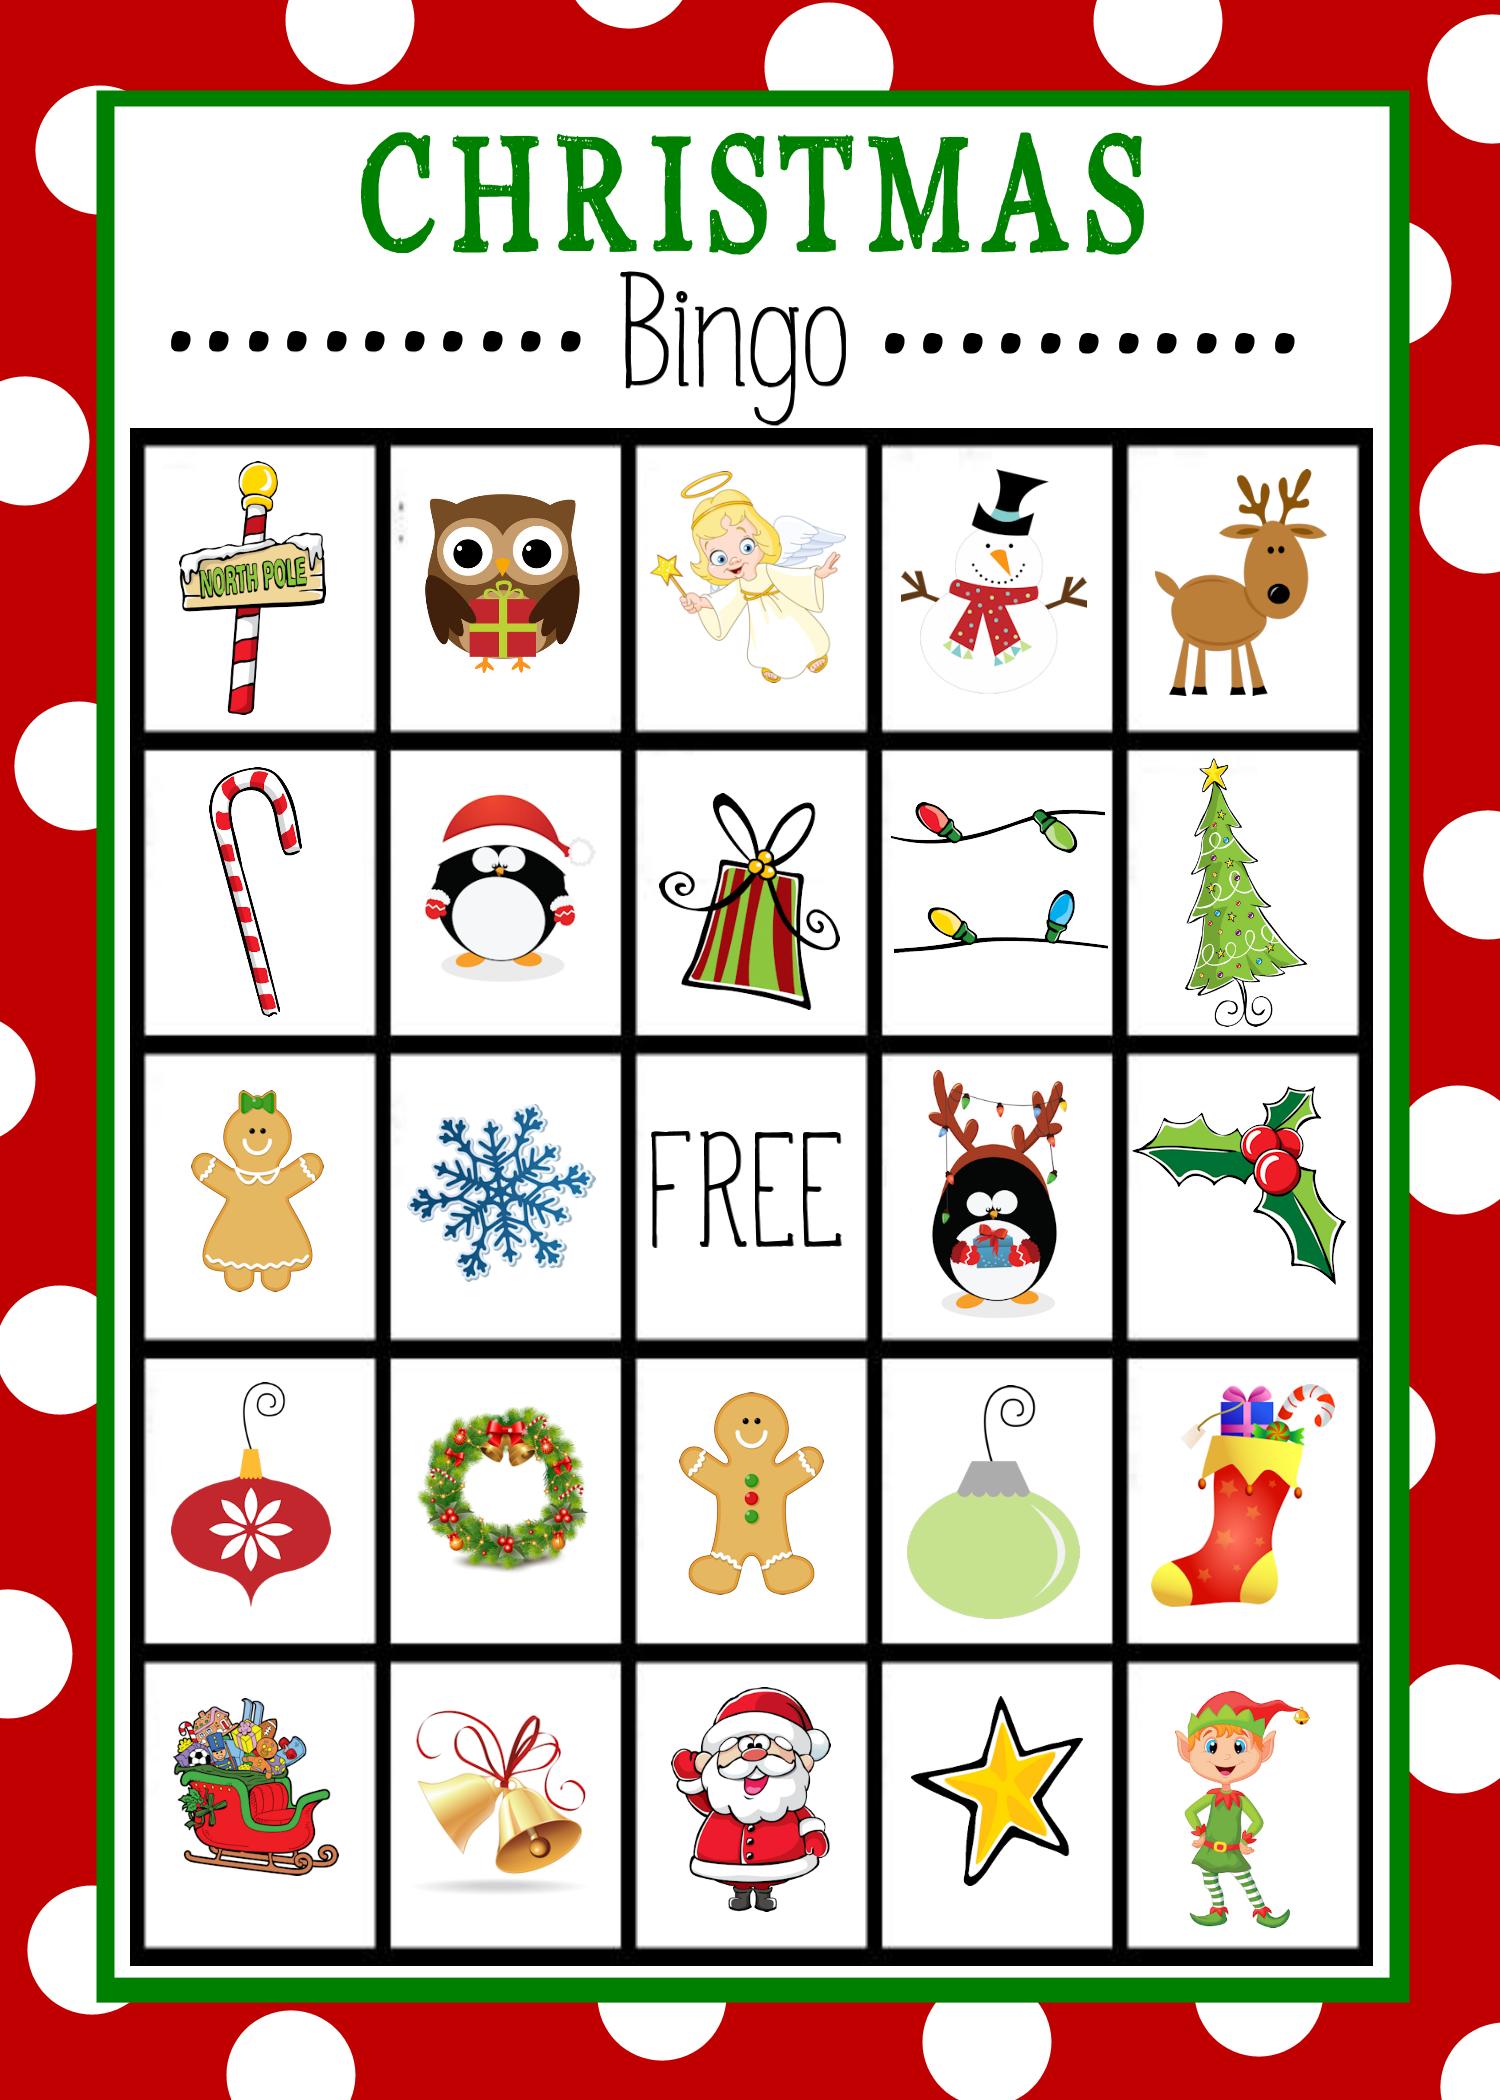 Printable Christmas Bingo Sheets